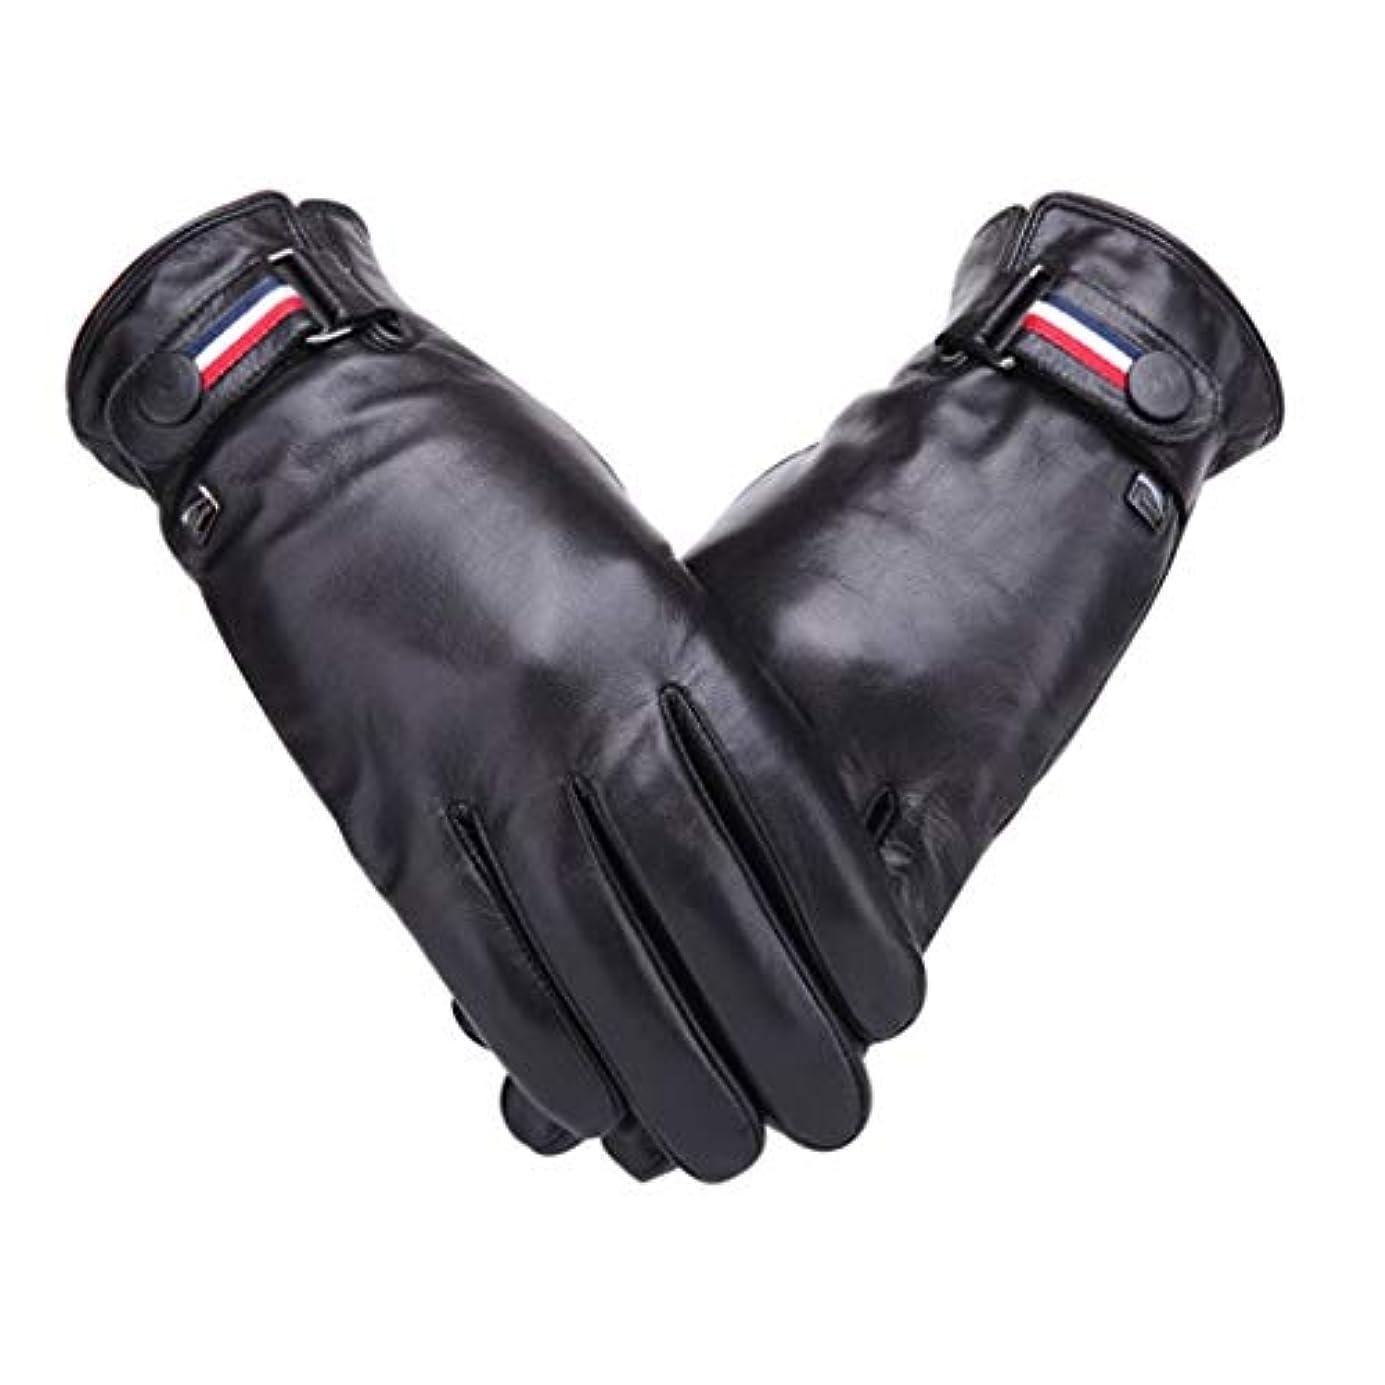 ジョグネイティブ北米羊皮の手袋の男性秋と冬のサイクリングwindproof暖かいプラスベルベットの肥厚の男性の手袋